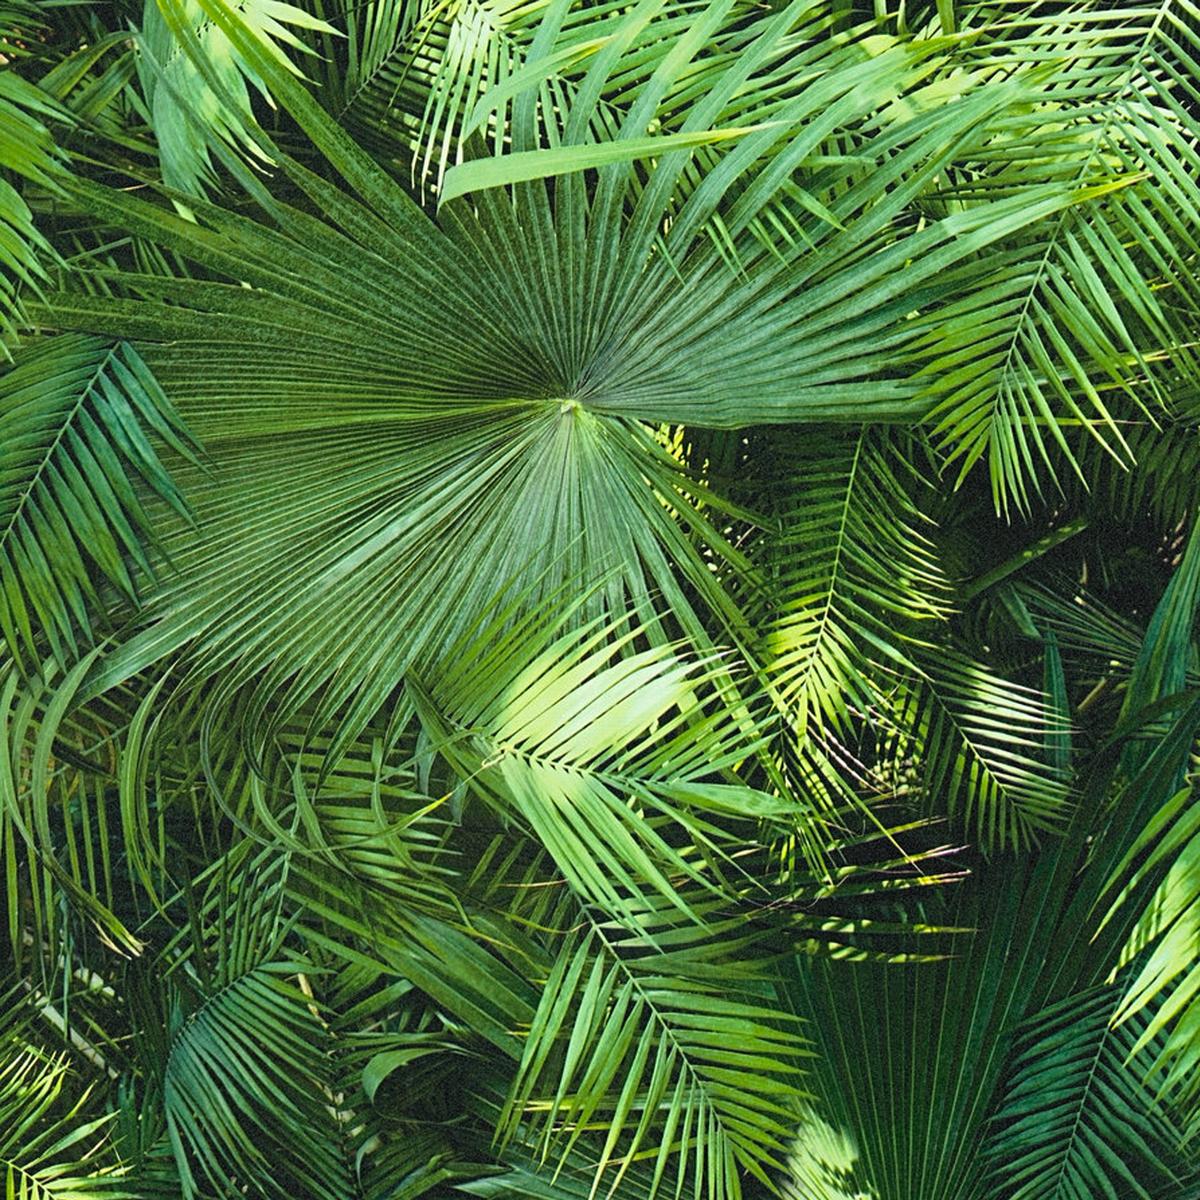 Bild 1 von A.S. Creation NEUE BUDE 2.0 Vliestapete - grün - Blätter - 10 Meter